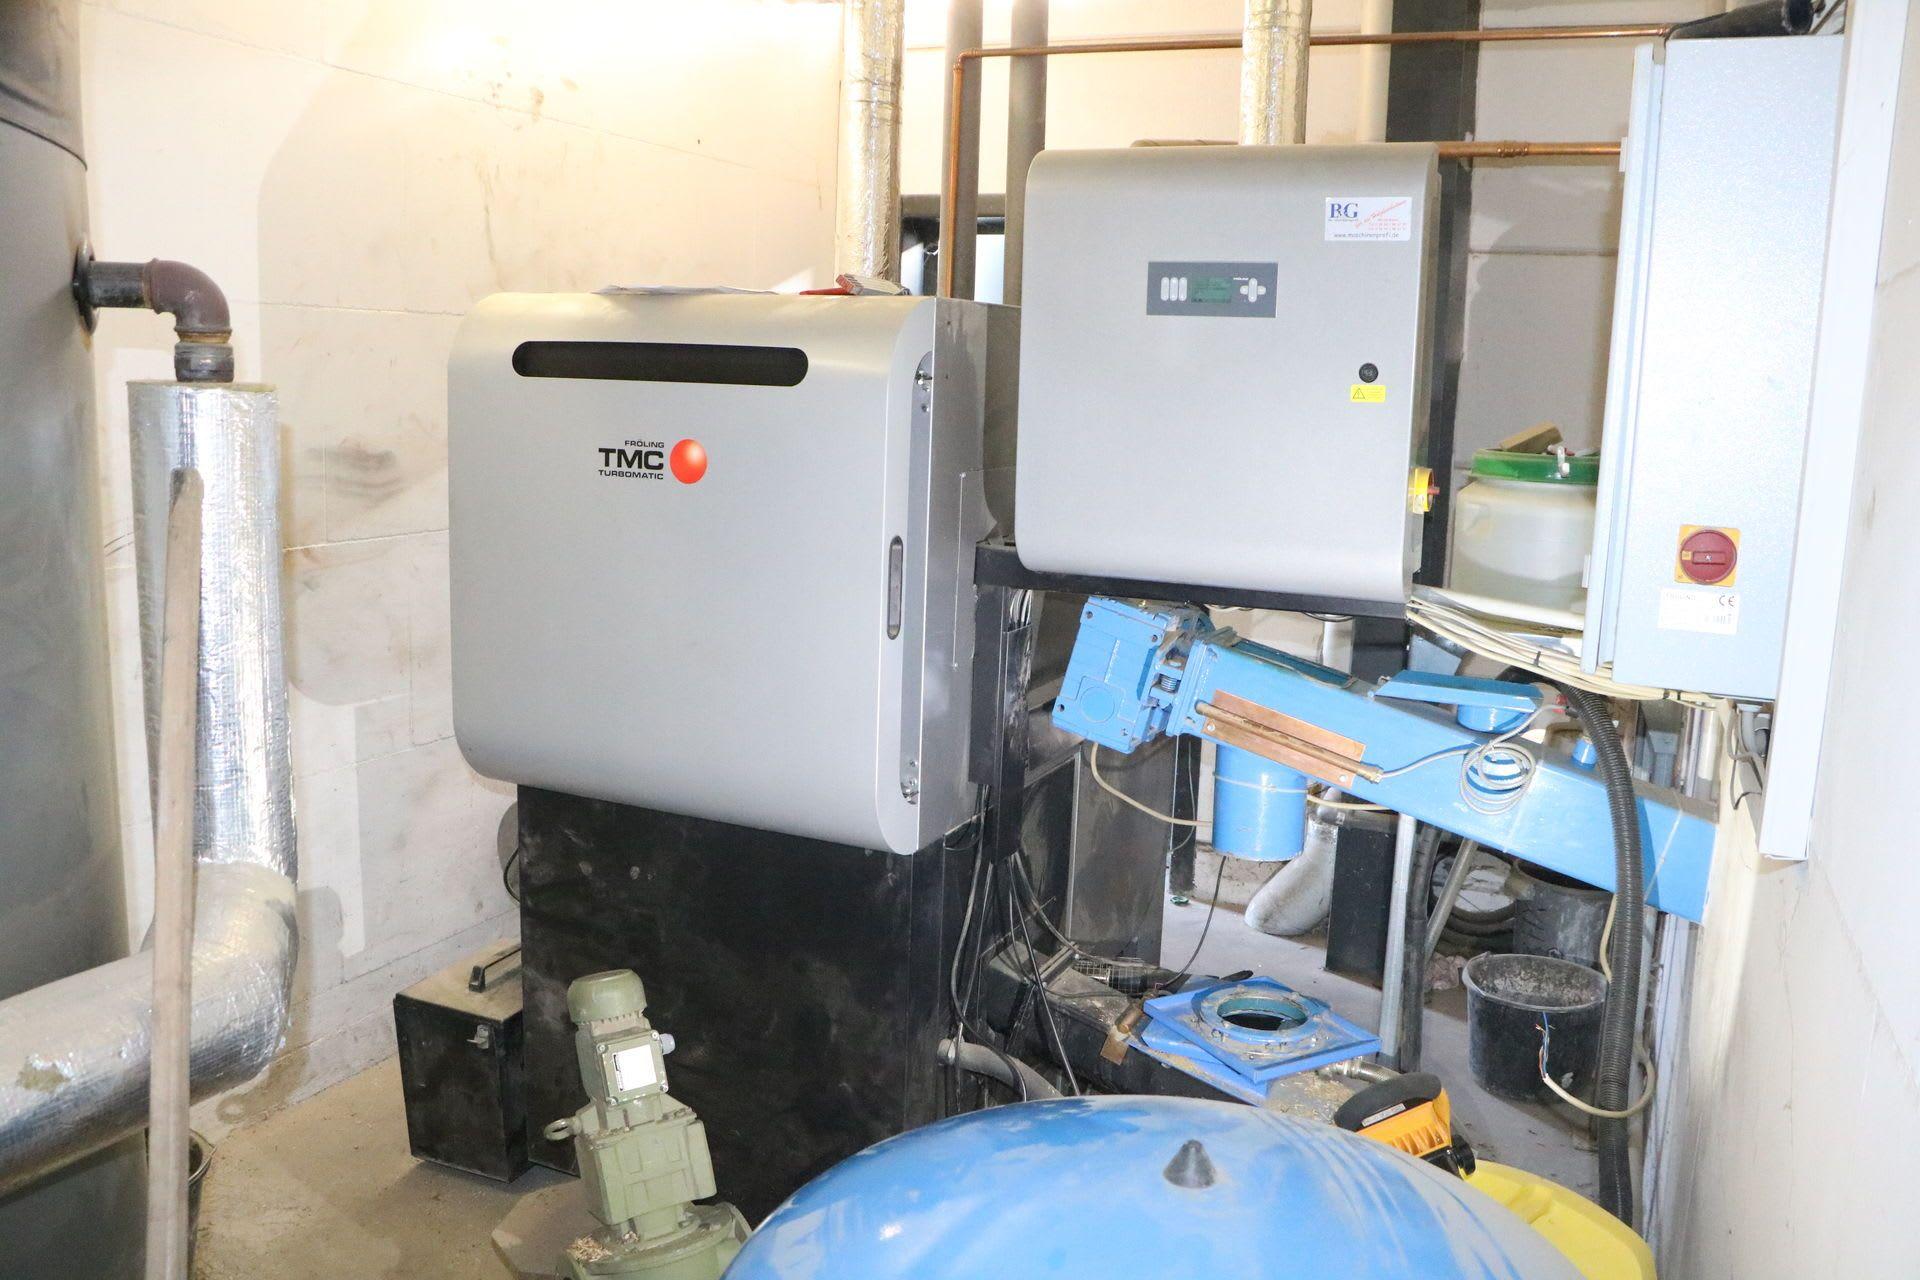 FRÖLING TMC 70-100 Hackschnitzelheizung mit Beschickung, Bunkeraustragung